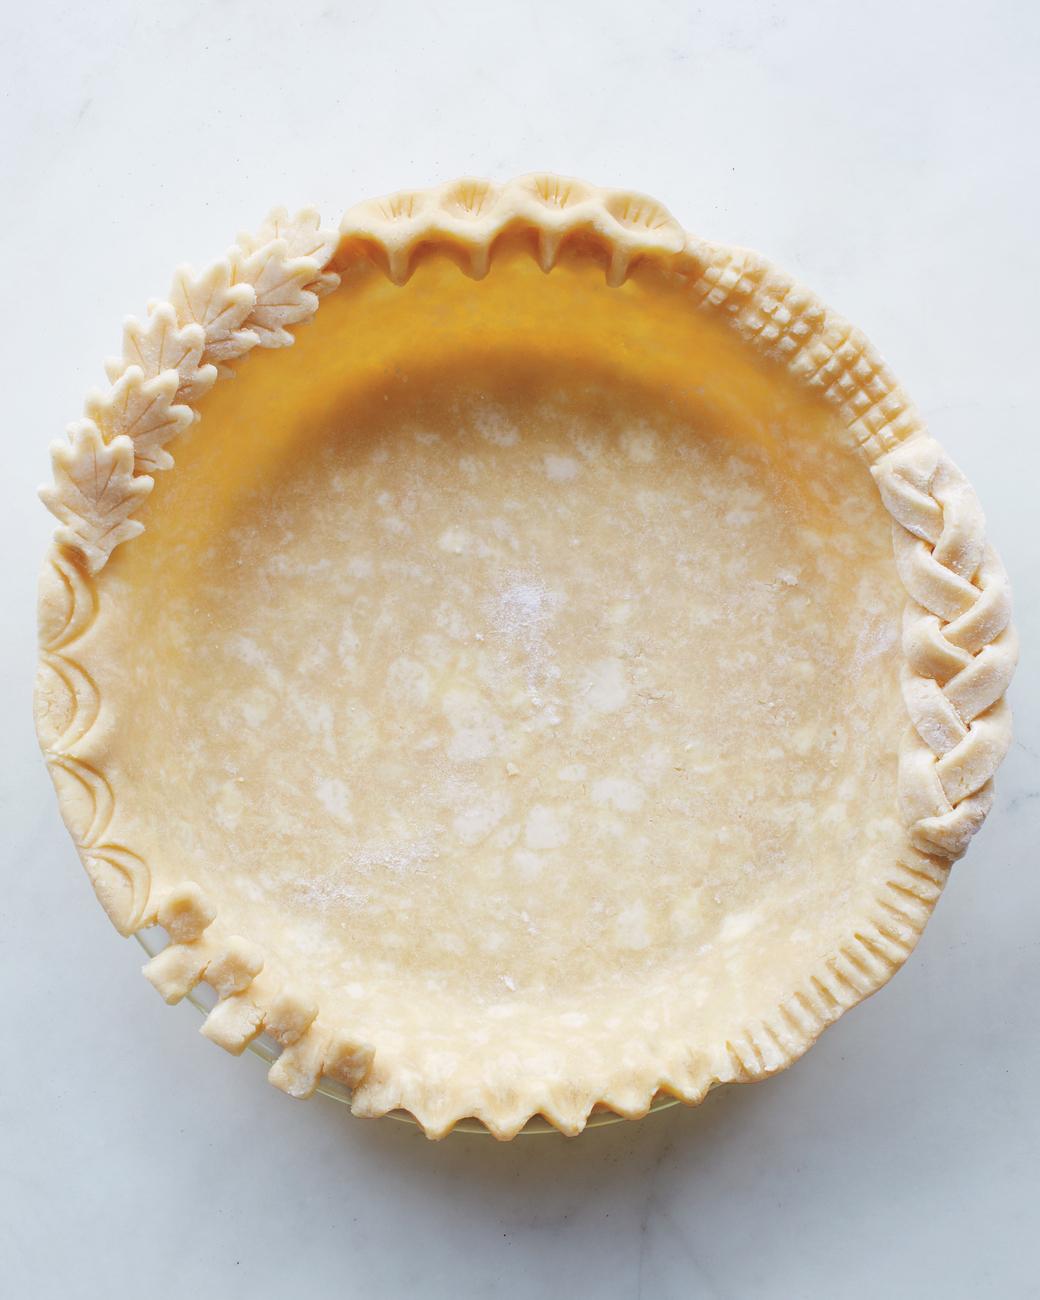 25+ Decorative Pie Crust Ideas